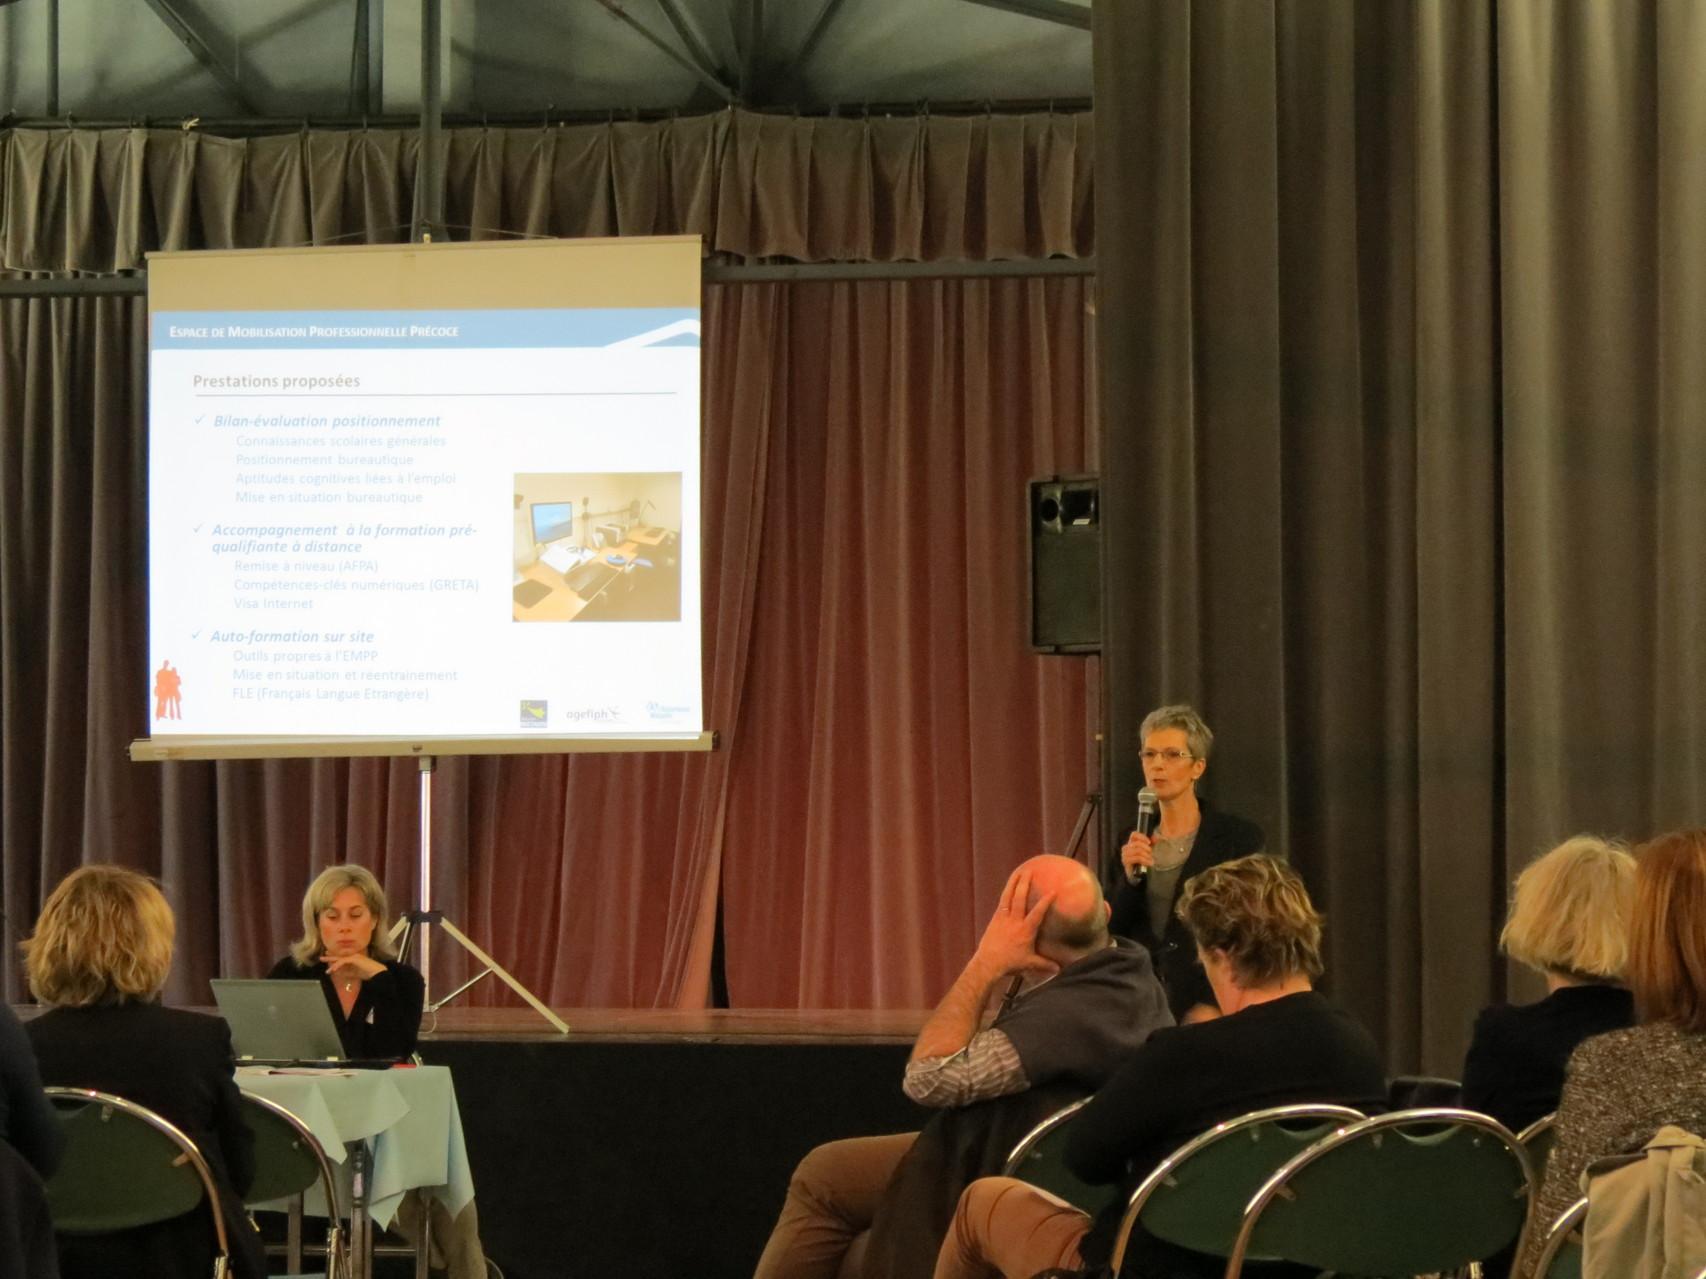 L'accompagnement de l'EMPP, présenté par Geneviève Jamppy